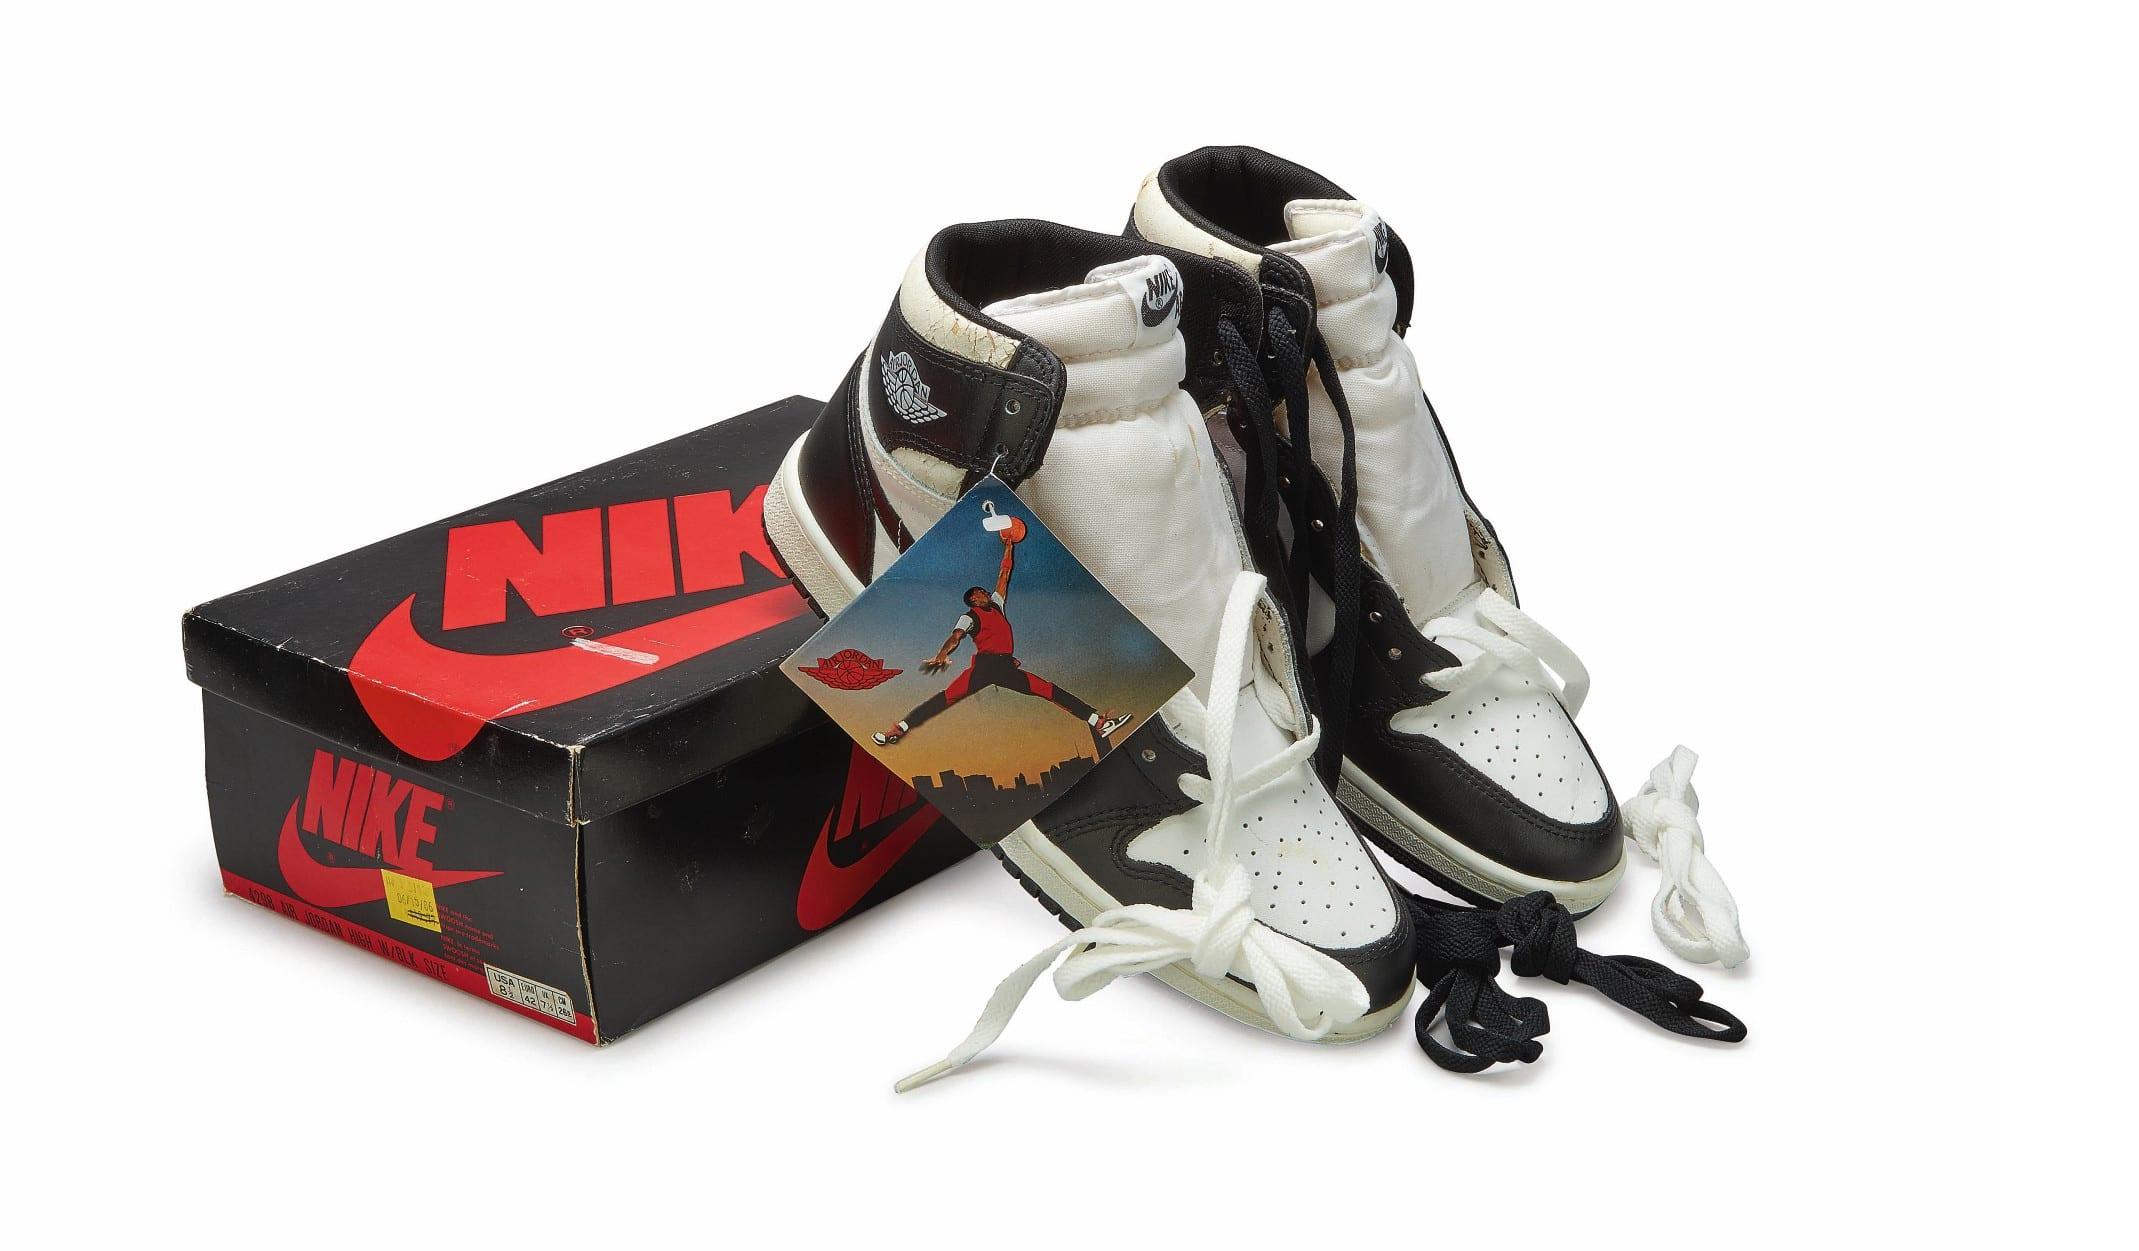 Nike Air Jordan 1 High OG (1985) 'Black & White', Foto: Sotheby's